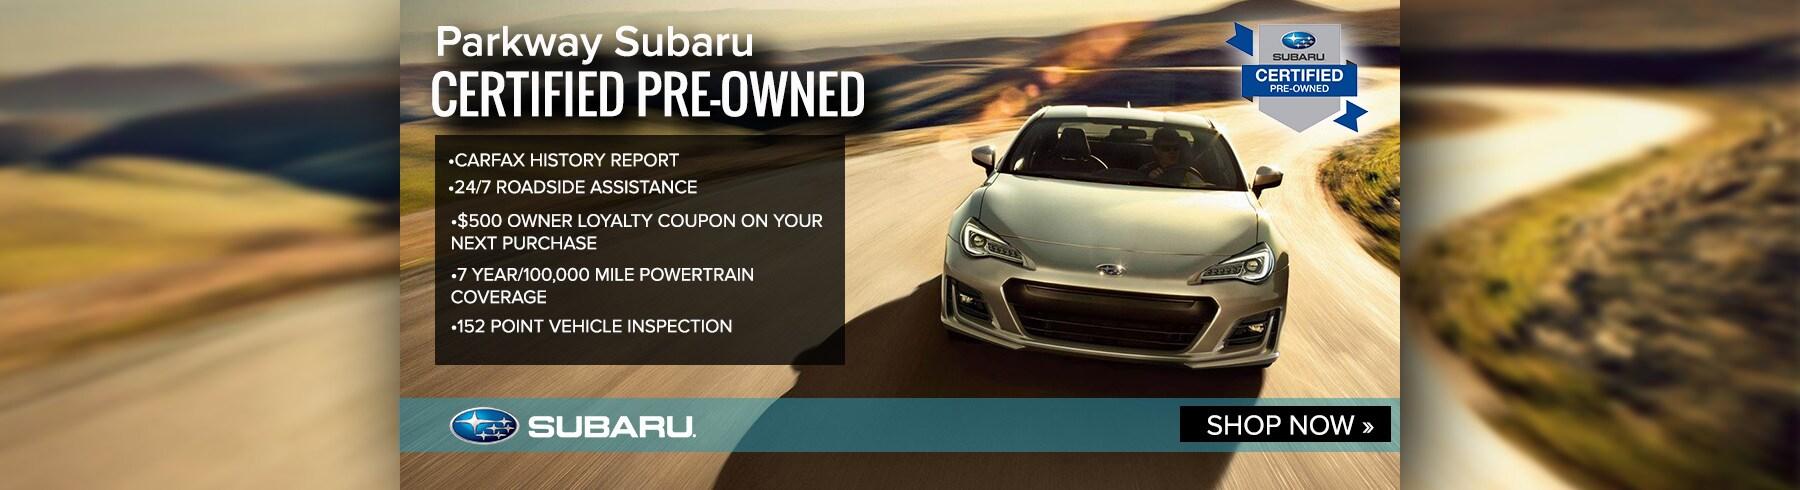 Subaru Wilmington Nc >> Subaru Dealership Wilmington NC | Jacksonville | Leland